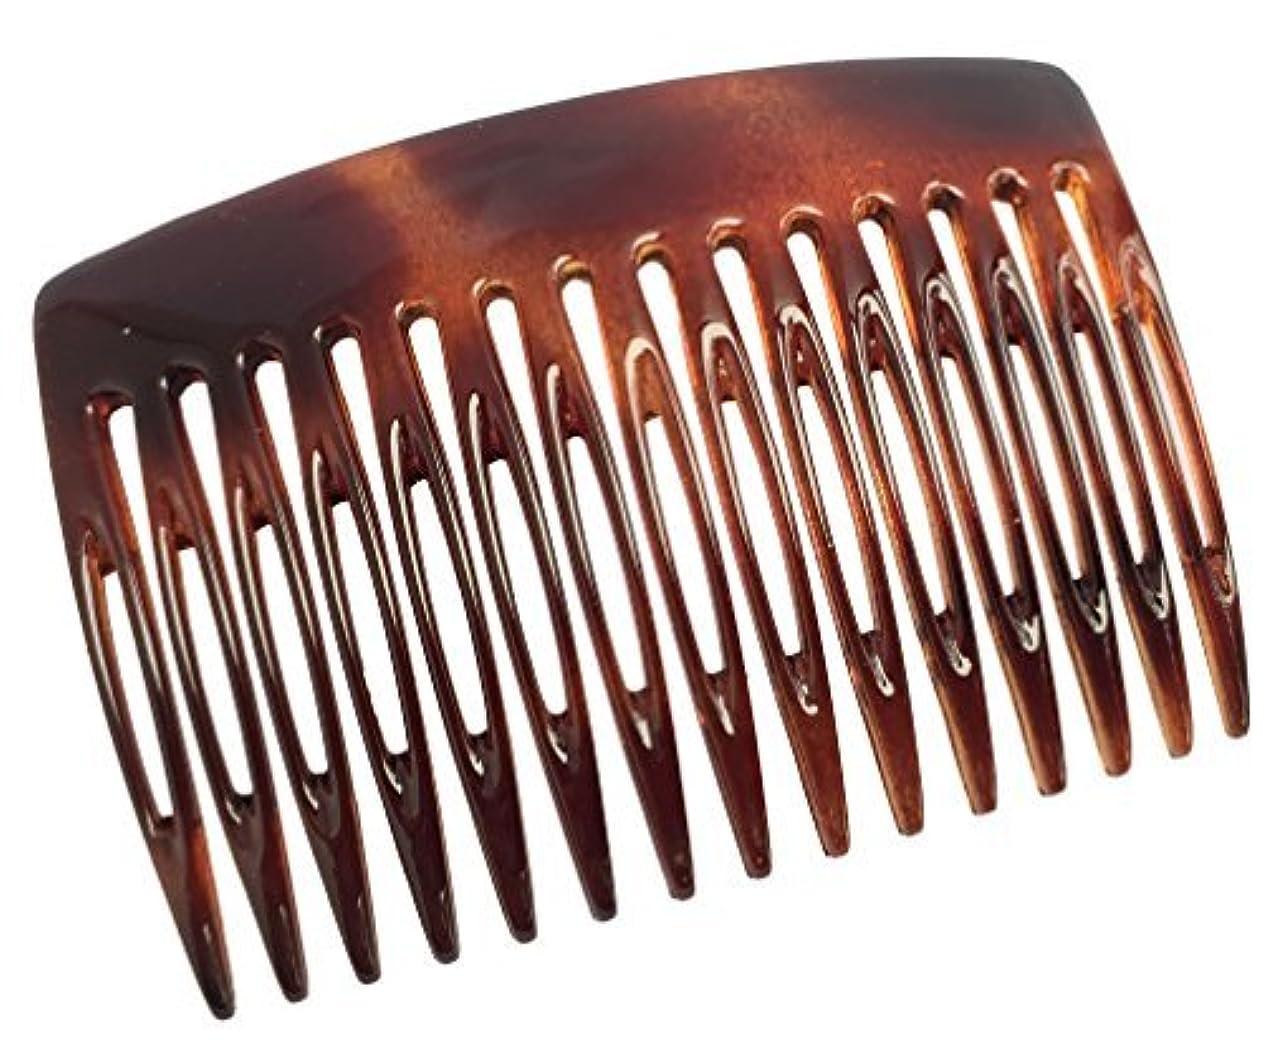 ビデオ各高さParcelona French Nice N Simple 2 Pieces Cellulose Tortoise Shell 7 Cm Side Hair Comb Combs [並行輸入品]